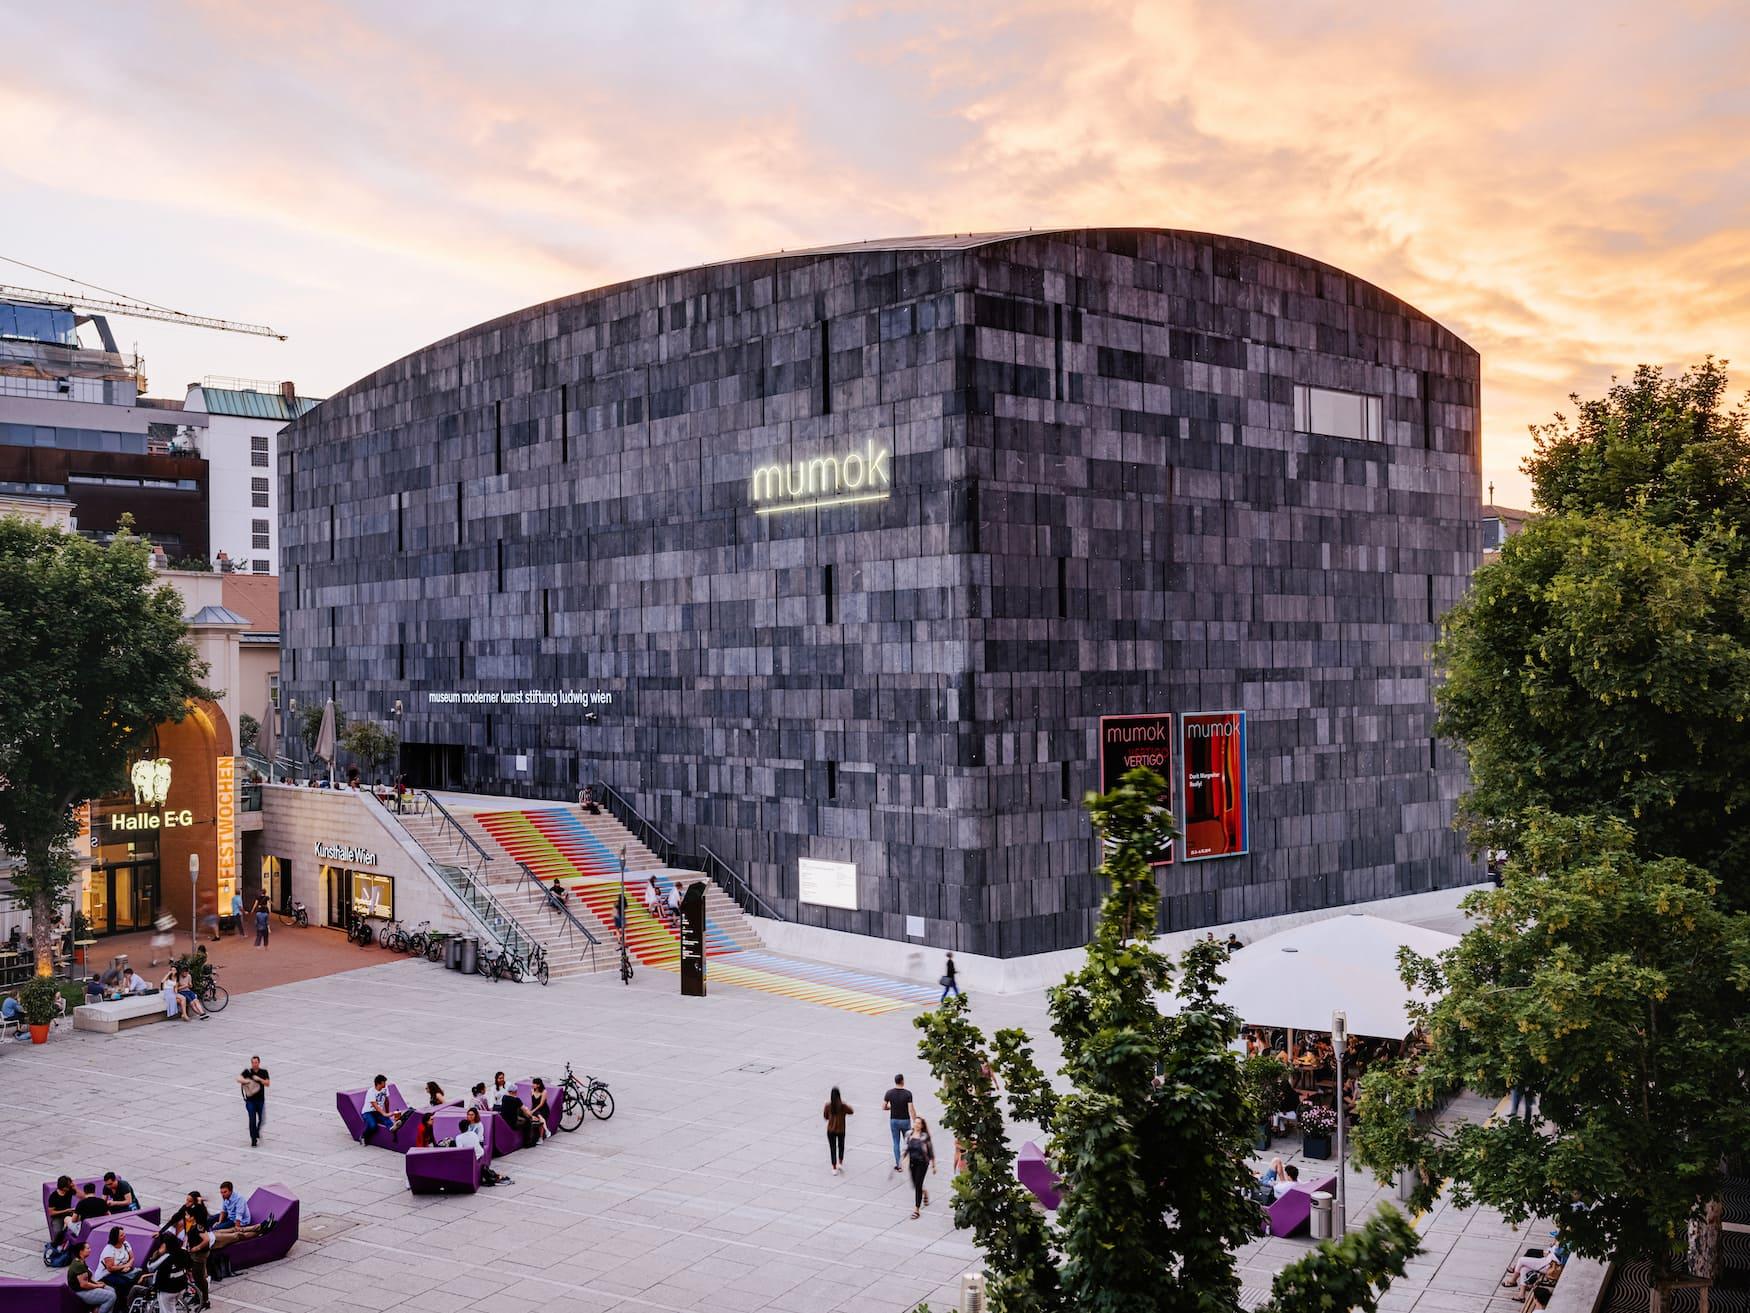 mumok: Museum of modern Art im Wiener Museumsquartier